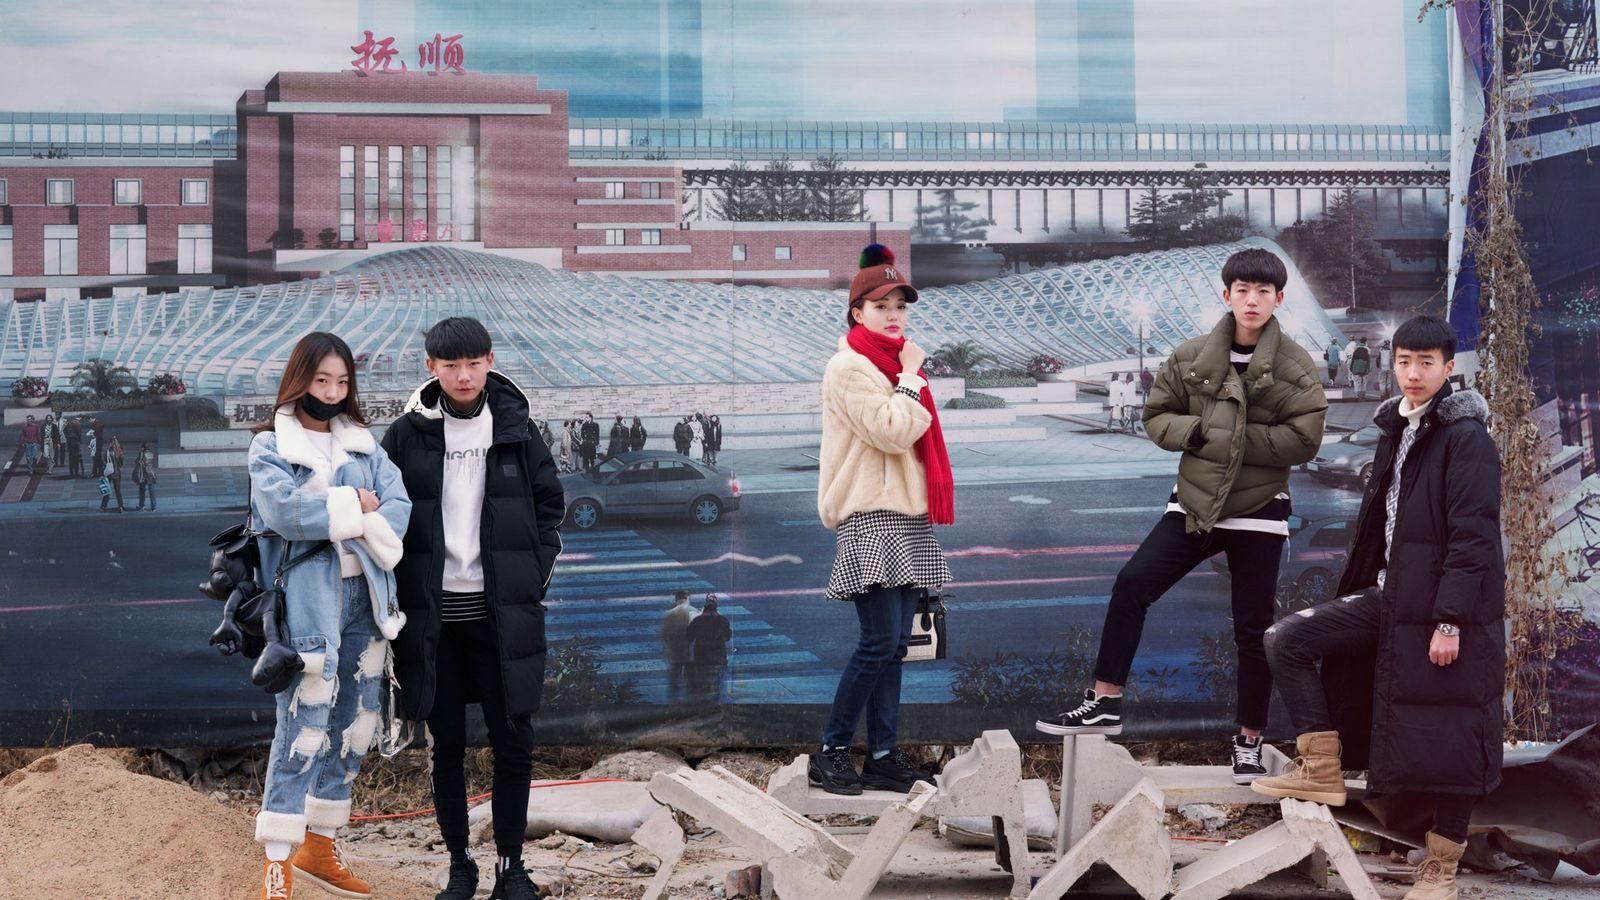 Des étudiants attendent avant de passer un examen d'art devant des affiches faisant la promotion de ...